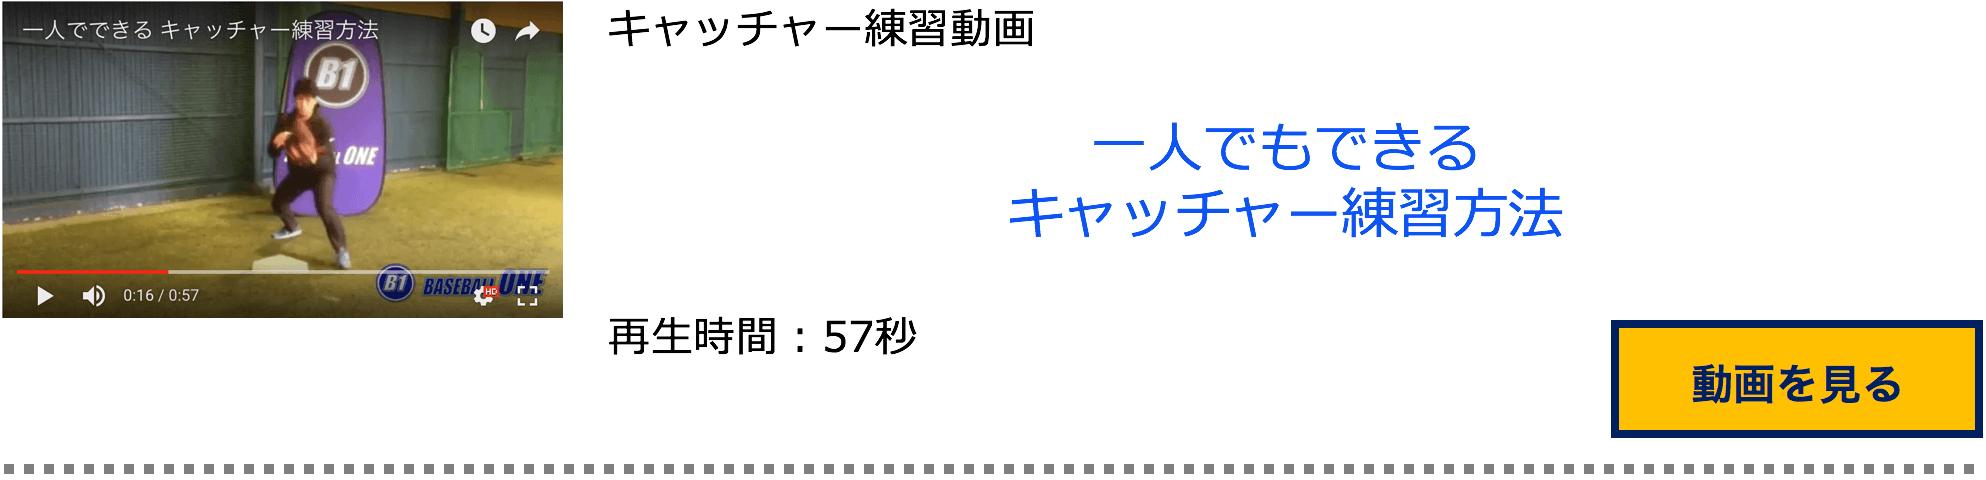 スクリーンショット 2017-05-17 18.34.01